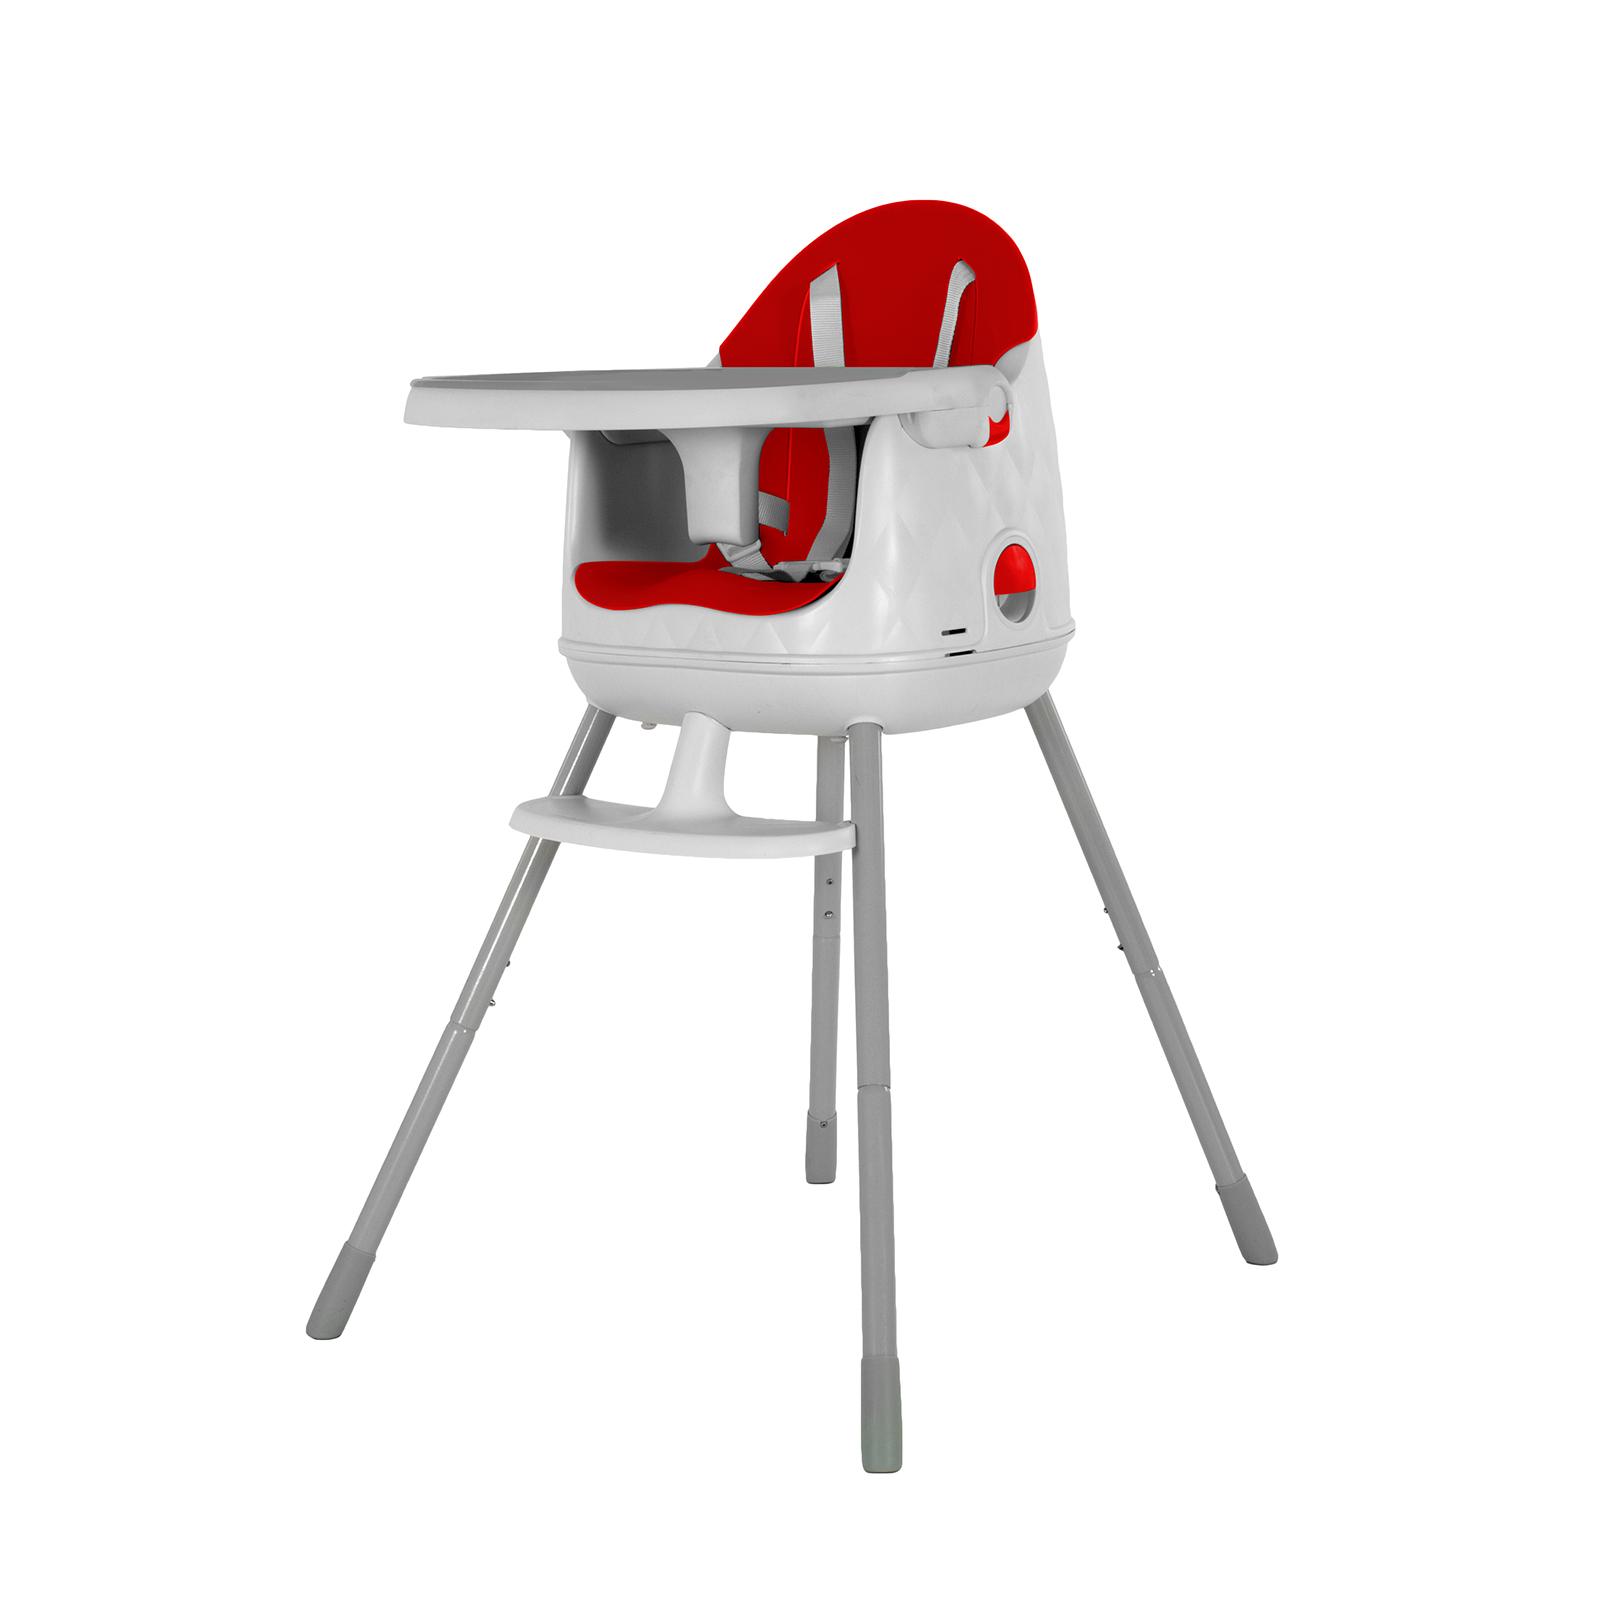 Cadeira de Refeição Alimentação Jelly Vermelha - Safety 1st